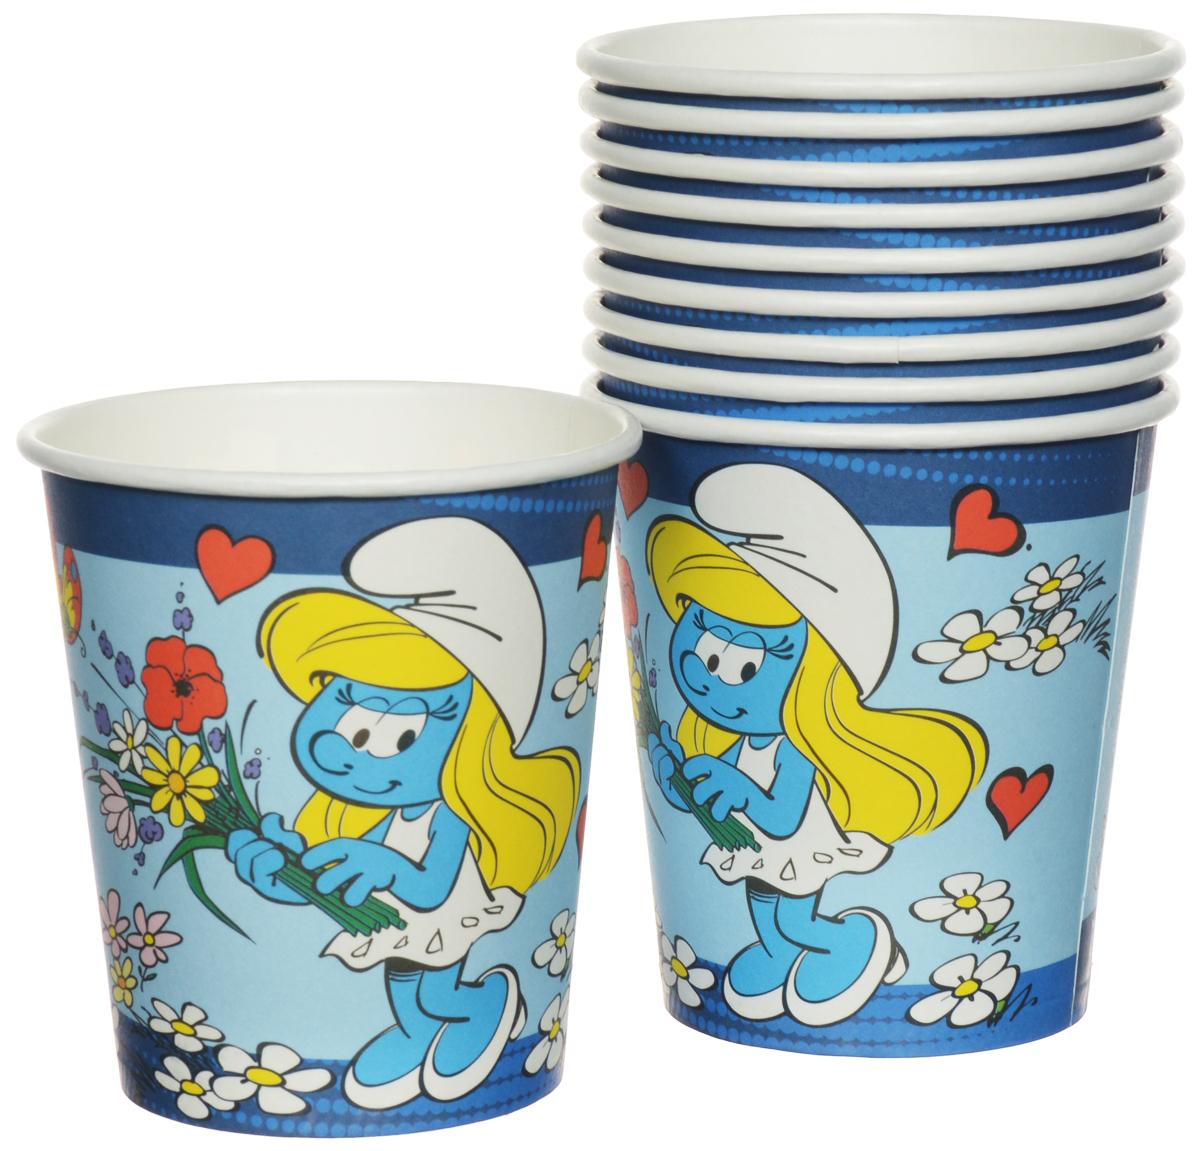 Смурфики Набор одноразовых стаканов цвет голубой 210 мл 10 шт26256_голубойОдноразовые стаканы Смурфики, изготовленные из картона, являются экологически чистыми и не наносят вреда здоровью, а также достаточно быстро самостоятельно утилизируются, не загрязняя окружающую среду. В набор входят 10 стаканов объемом 210 мл. Стаканы очень легкие, не могут разбиться и не нуждаются в мытье. Благодаря специальному покрытию, они отлично справляются со своей задачей: удерживают напитки, не промокают и не протекают. Набор одноразовых стаканов Смурфики станет прекрасным дополнением к любому детскому торжеству.